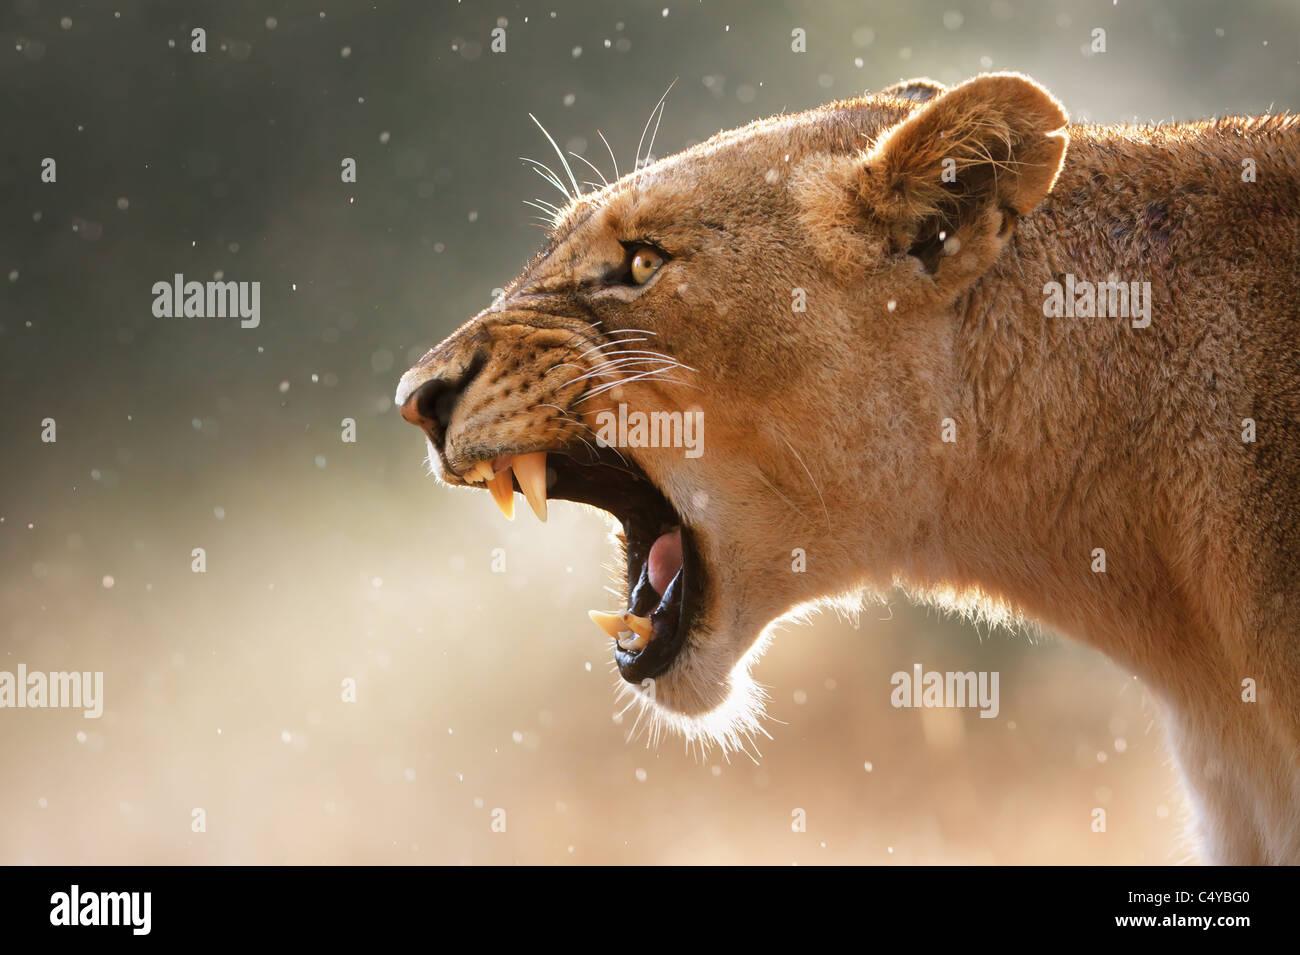 León muestra dientes peligrosos durante la tormenta de luz - Parque Nacional Kruger - Sudáfrica Foto de stock